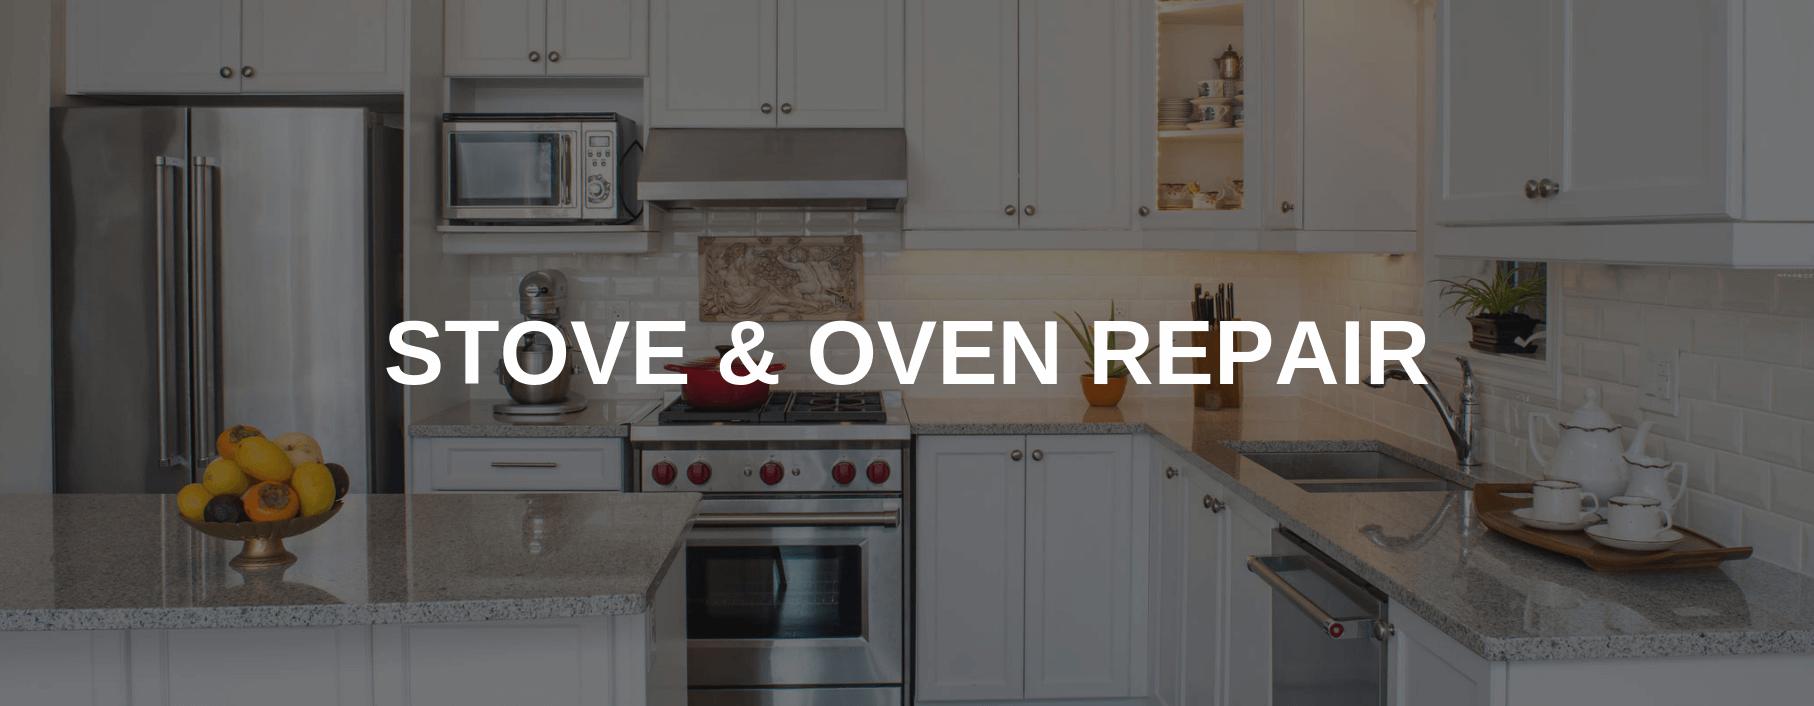 stove repair tempe